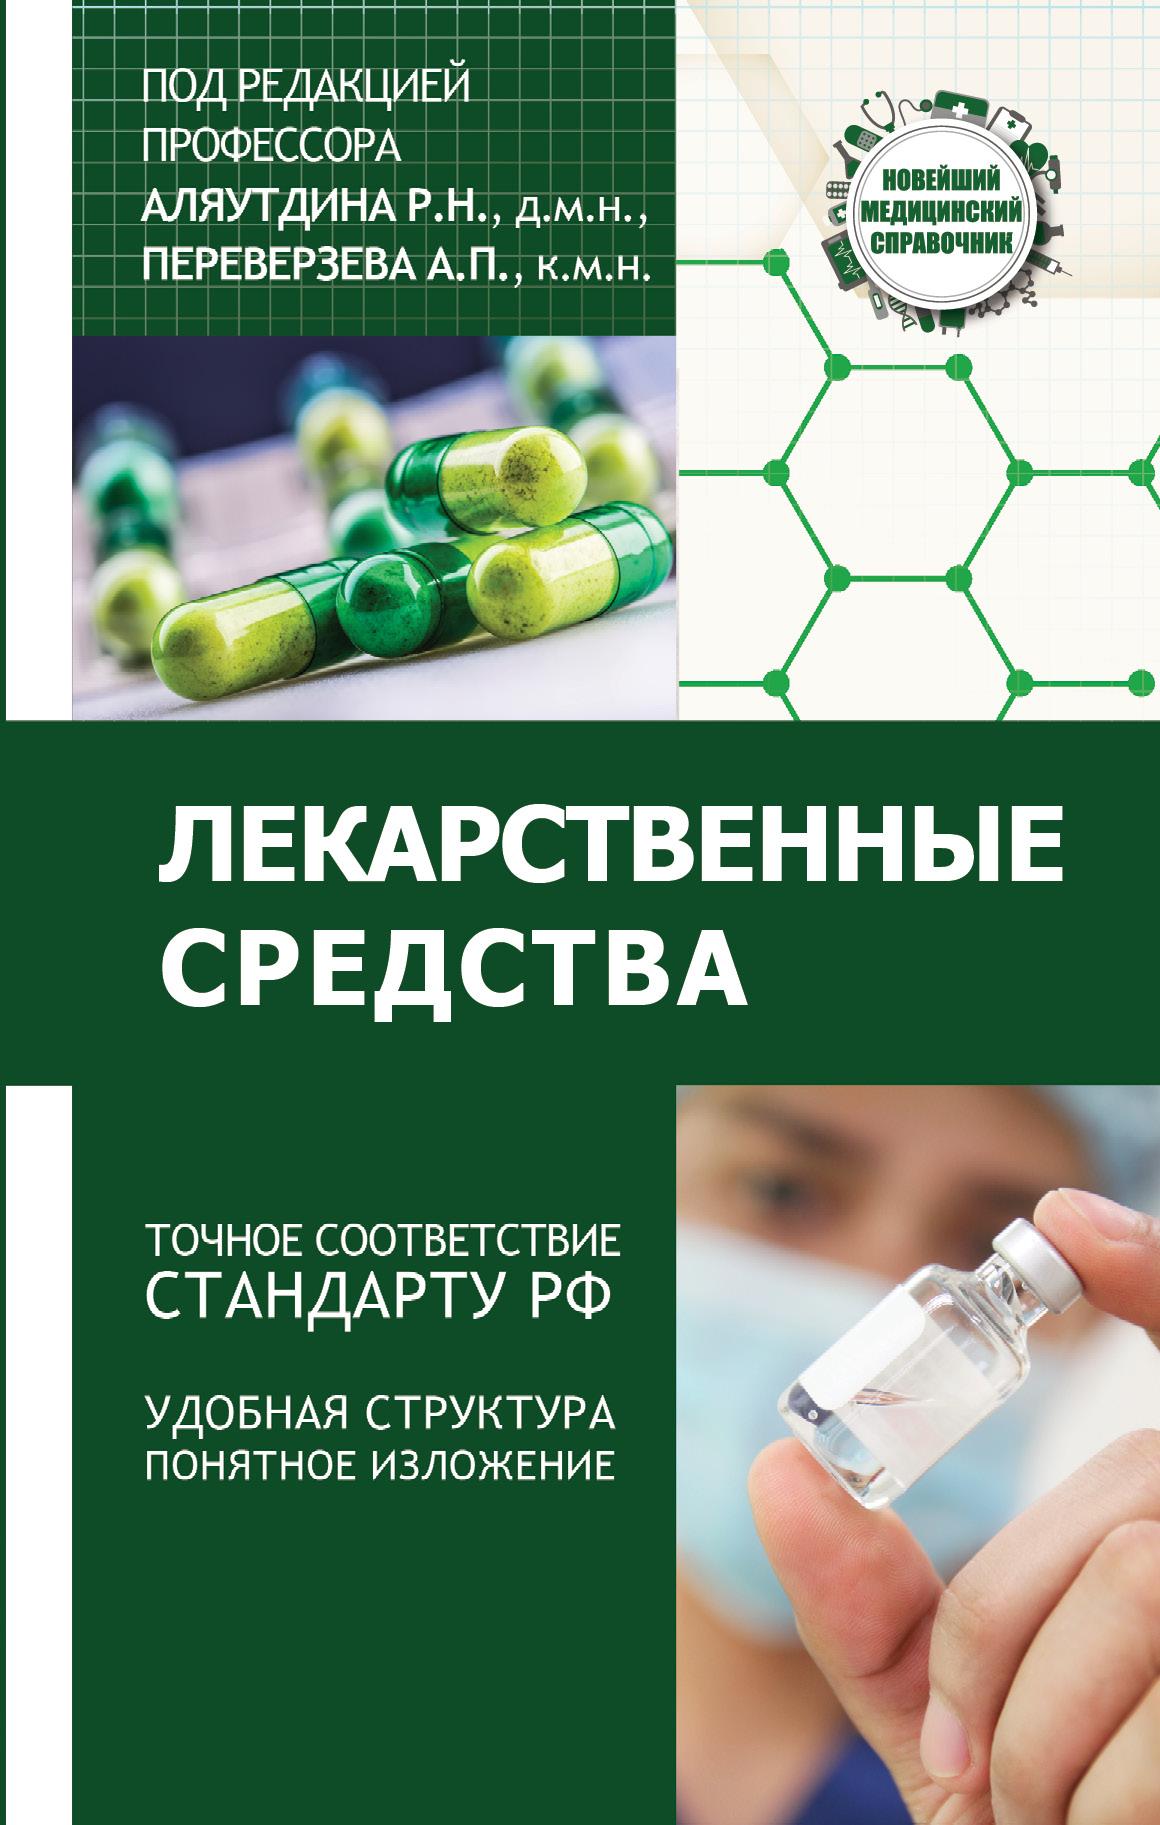 Лекарственные средства. Аляутдин Ренад Николаевич